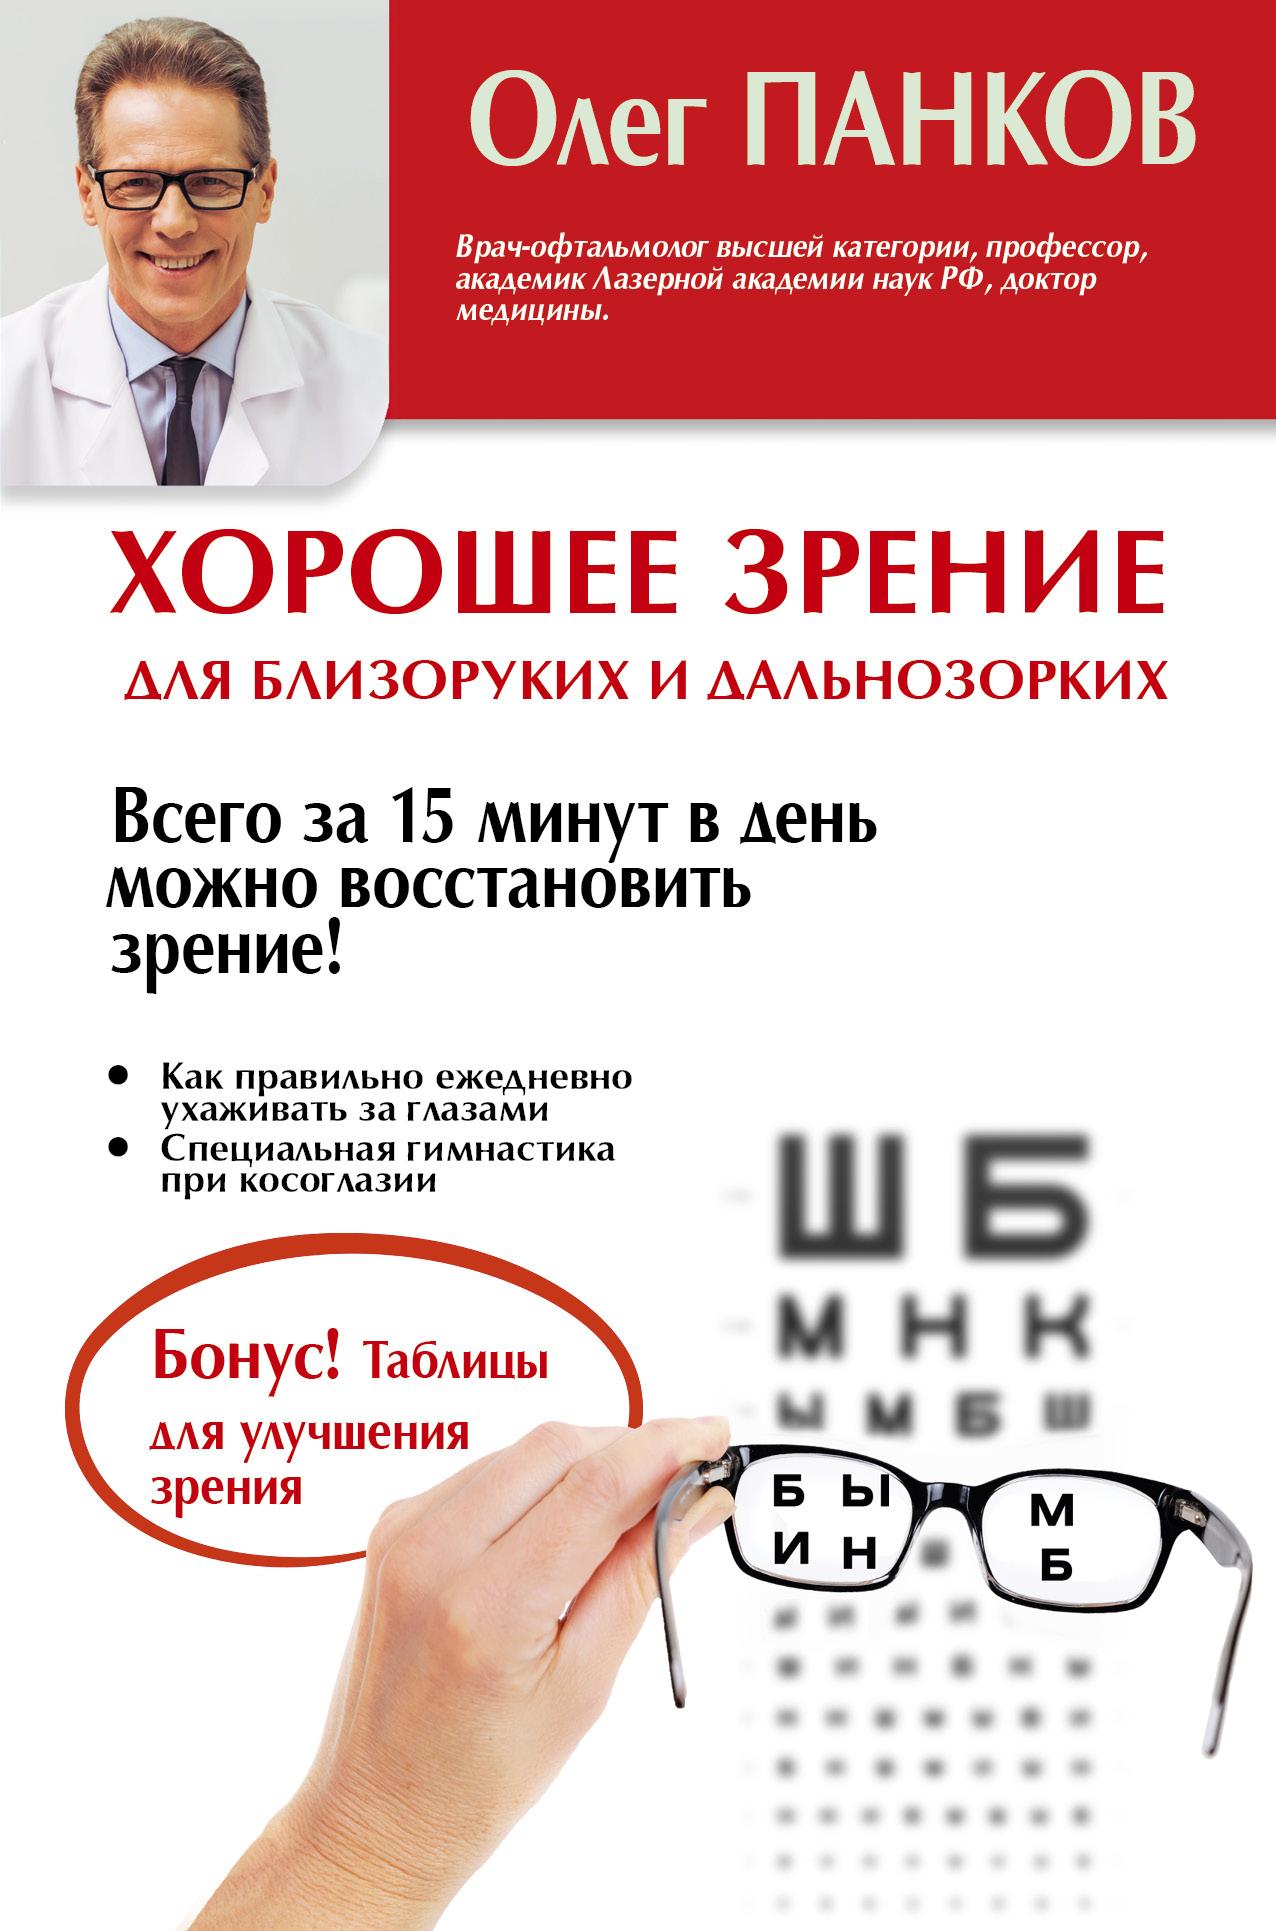 Панков О.П. Хорошее зрение для близоруких и дальнозорких книгу корбетт м д как приобрести хорошее зрение без очков